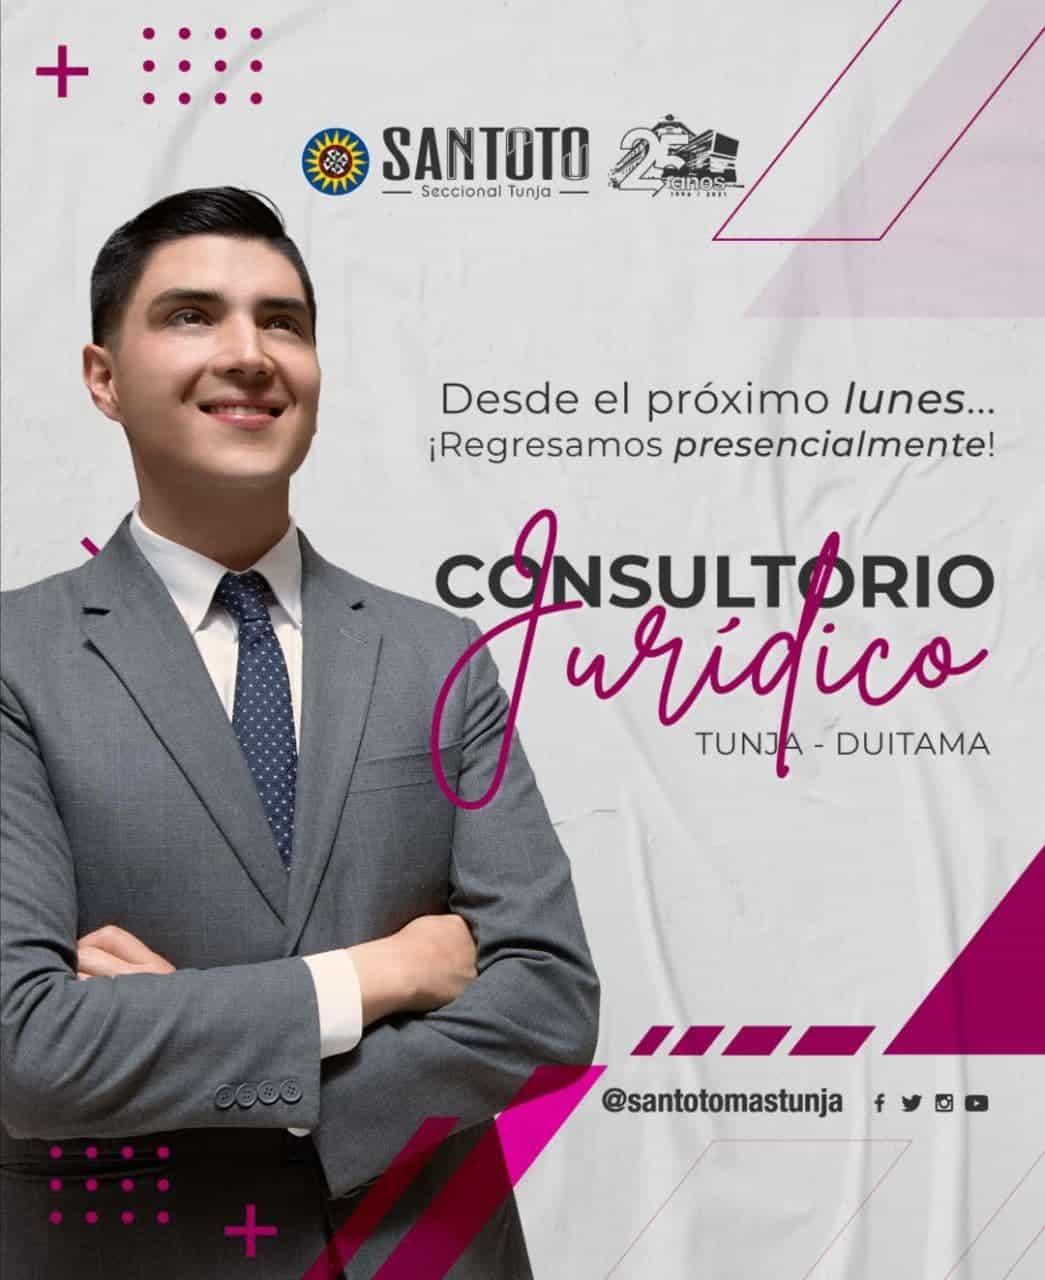 Consultorios Jurídicos de la Santoto reabren sus puertas al público en Boyacá 1